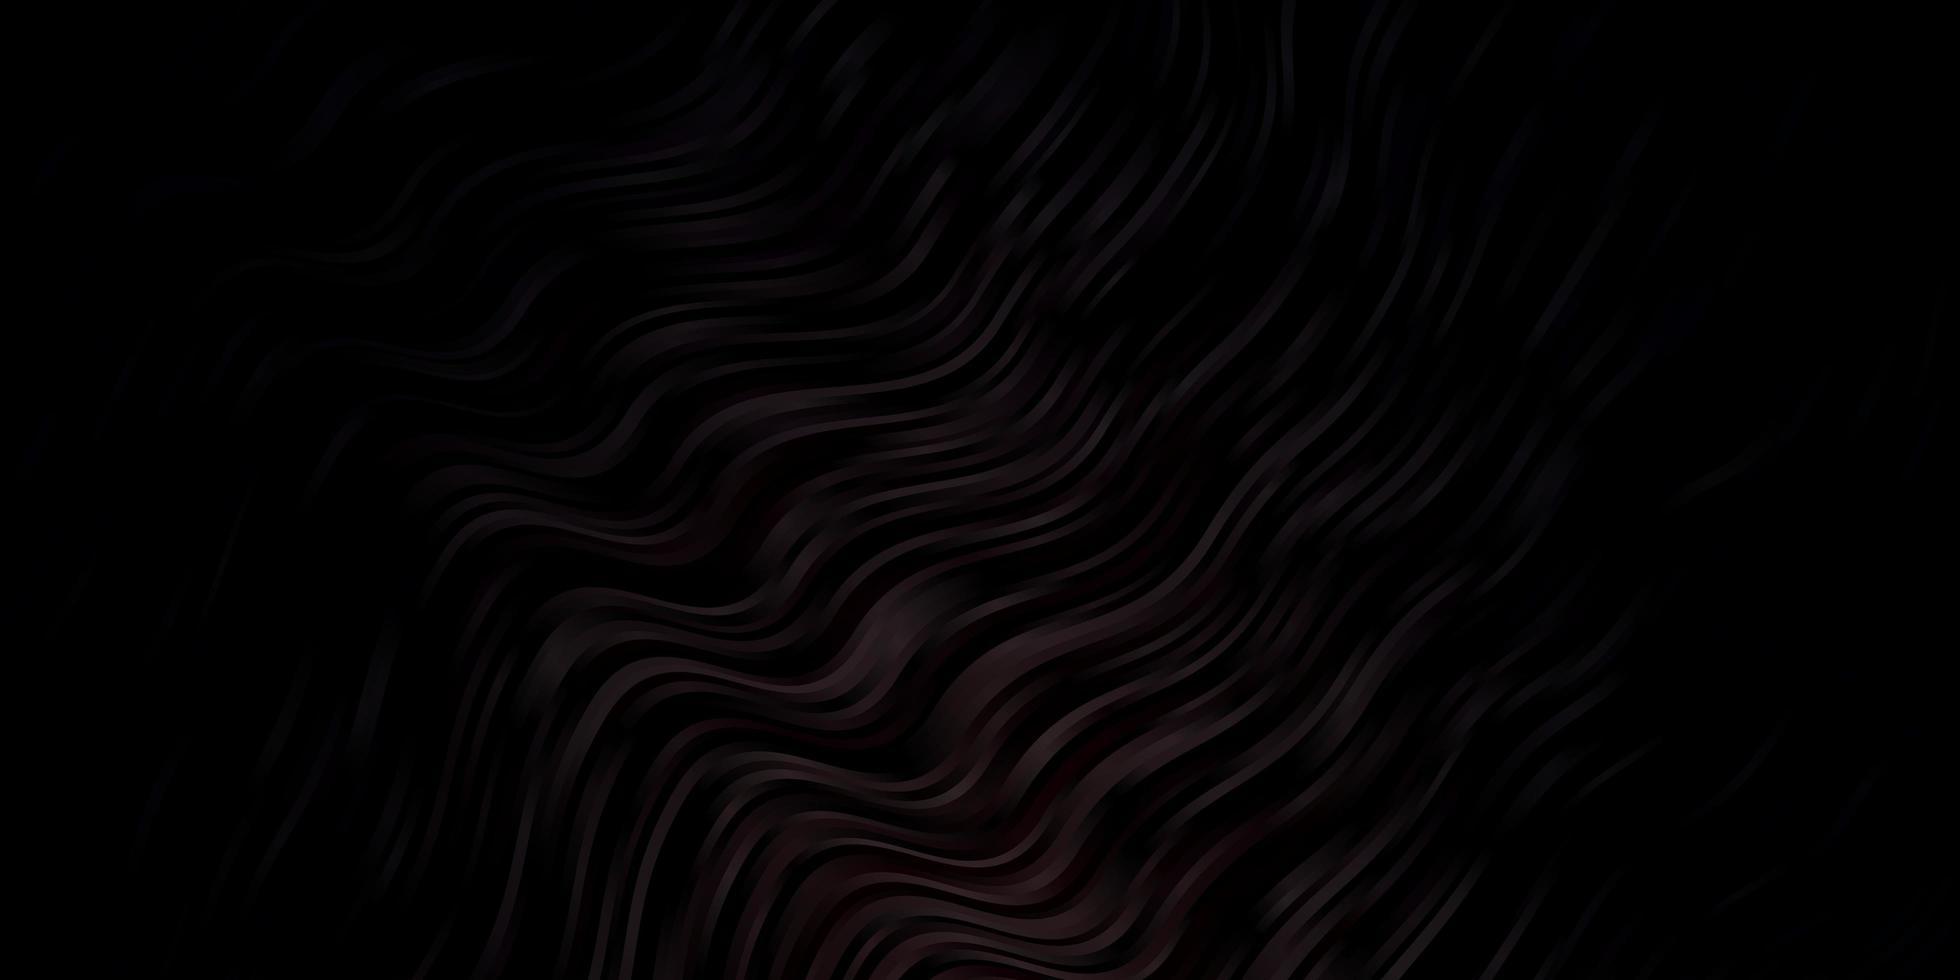 texture de vecteur brun foncé avec des courbes.